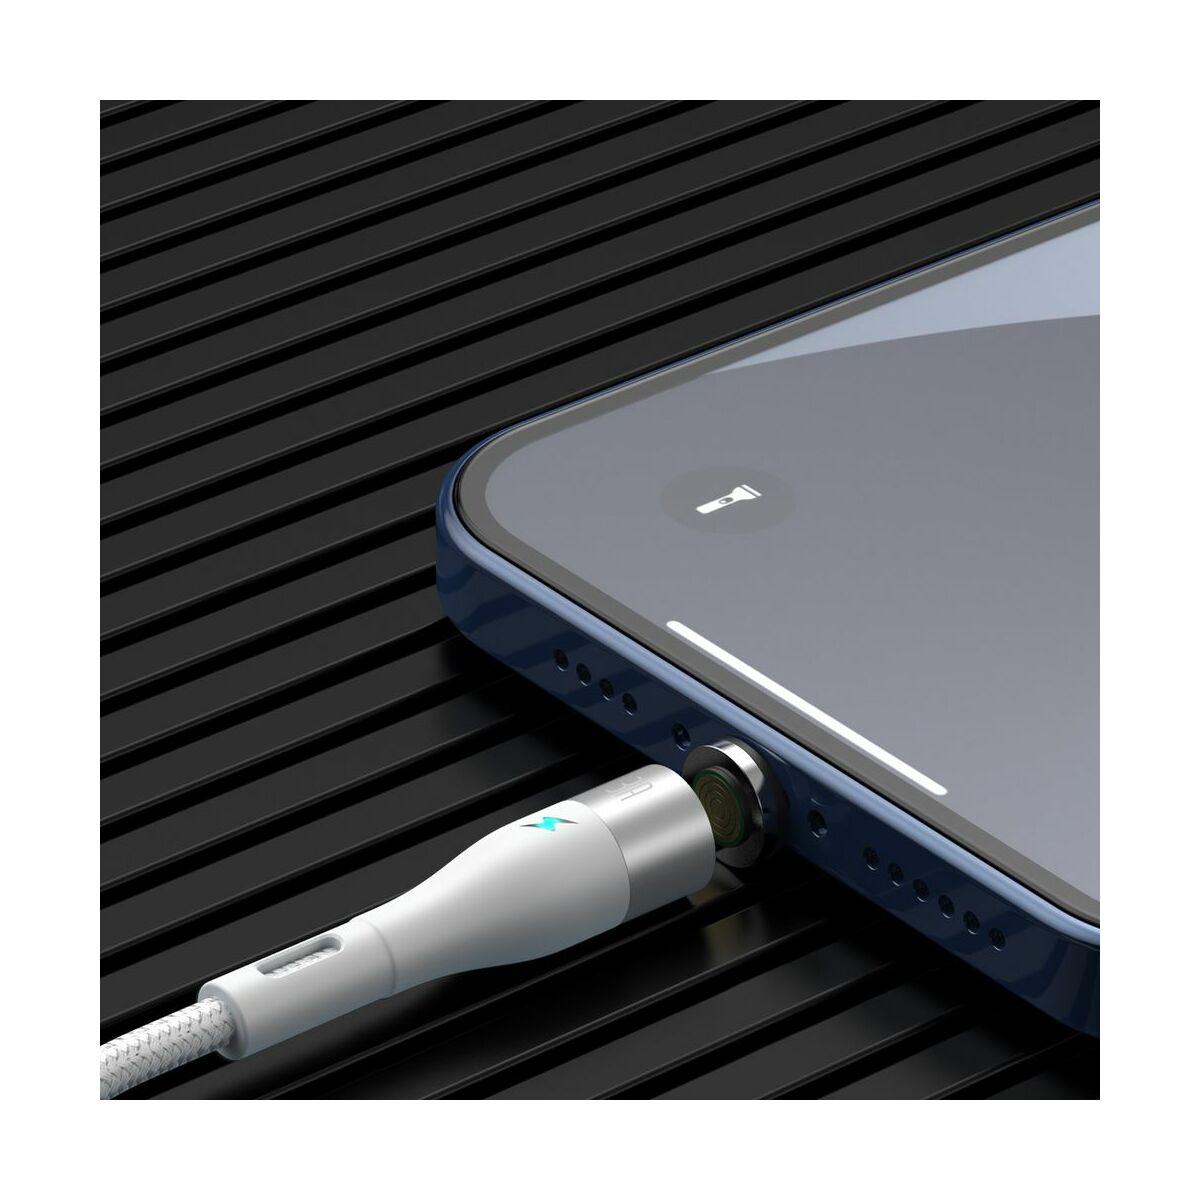 Baseus Lightning Mágnessel csatlakozó töltő kábel, 2.4A, 1m, fehér (CALXC-K02)